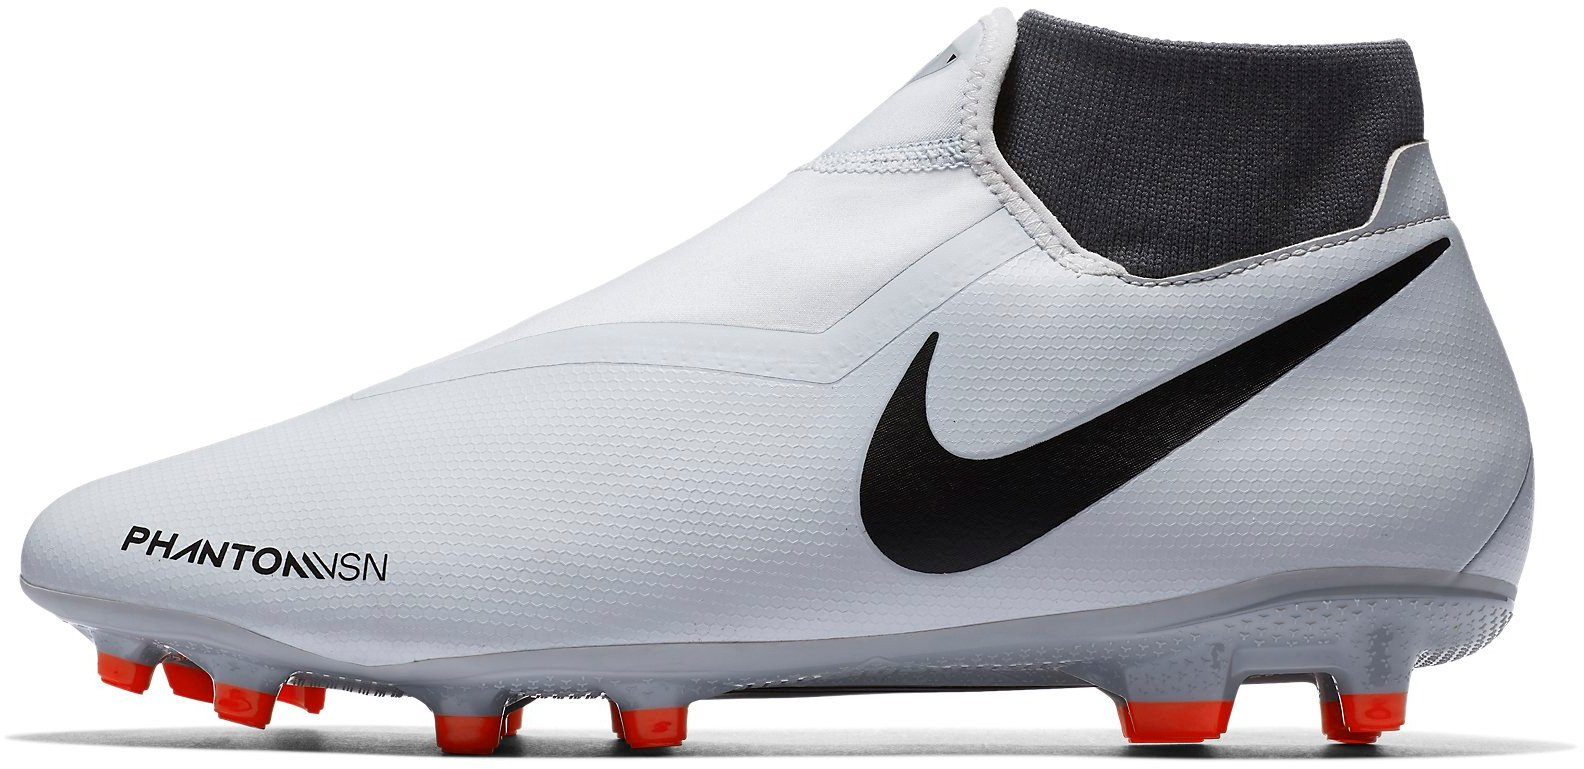 5479055b7 Football shoes Nike PHANTOM VSN ACADEMY DF MG